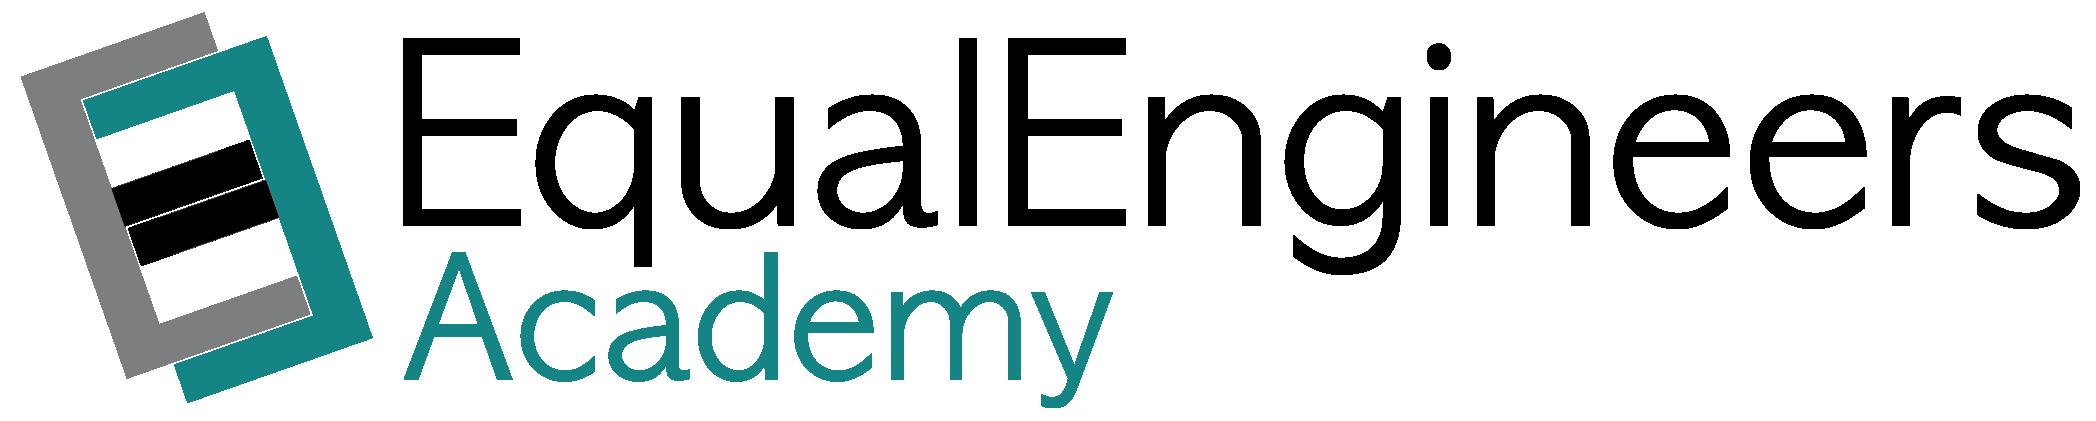 EE-Academy[15824]